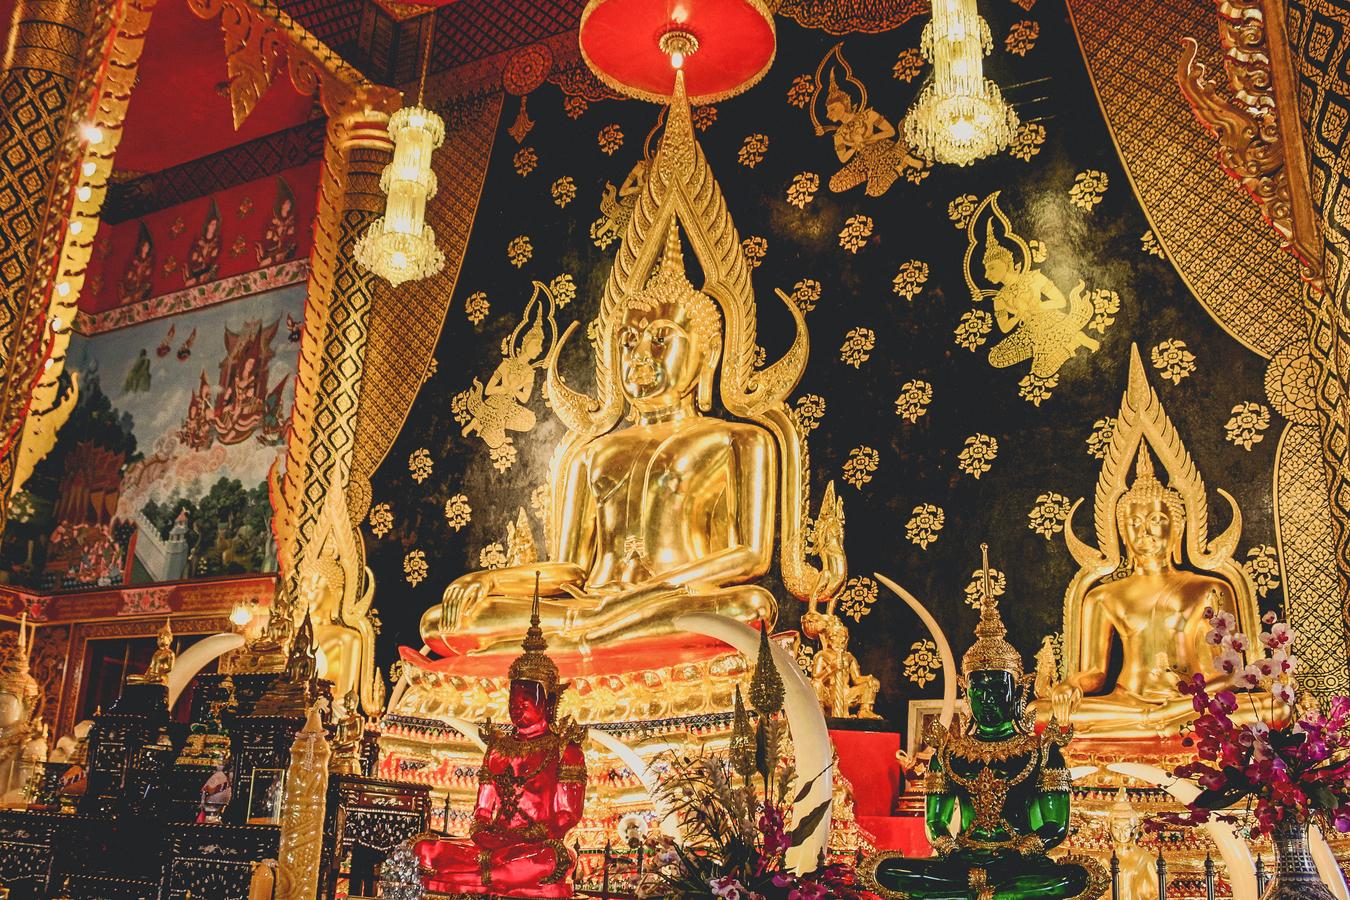 Le Bouddhisme : une religion fascinante que l'on peut transposer dans la décoration de sa maison